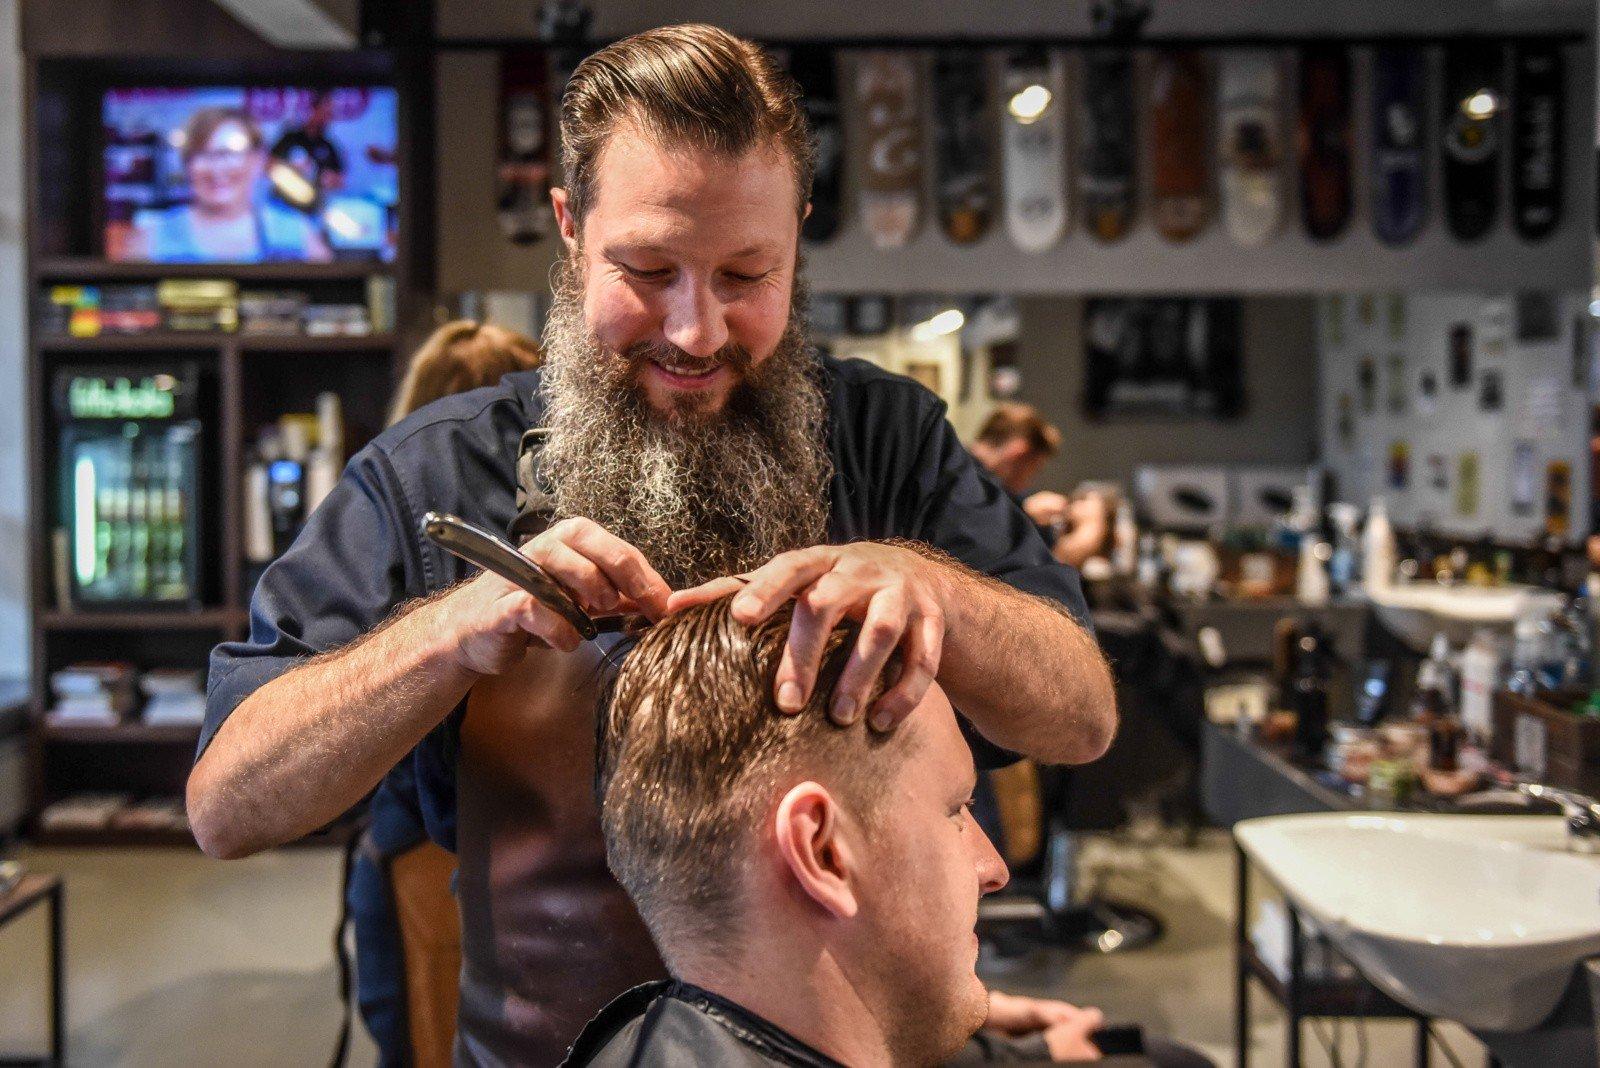 Poznań Chce Kształcić Barberów Fryzjer Męski Barber W Zespole